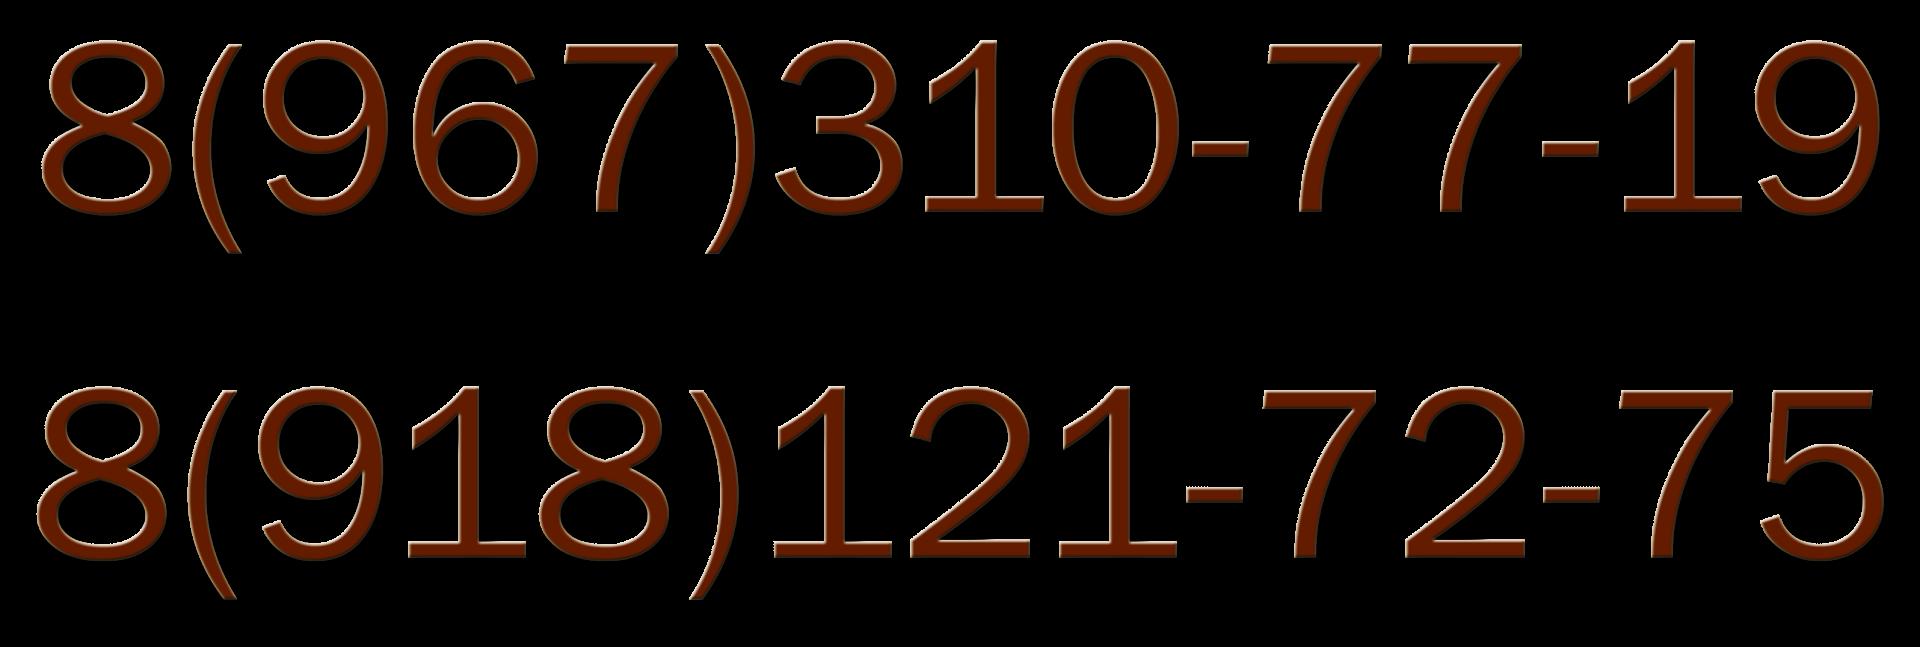 Купить фасадную облицовочную плитку из дагестанского камня-ракушечника и доломита в Барнауле Алтайский край под заказ с доставкой